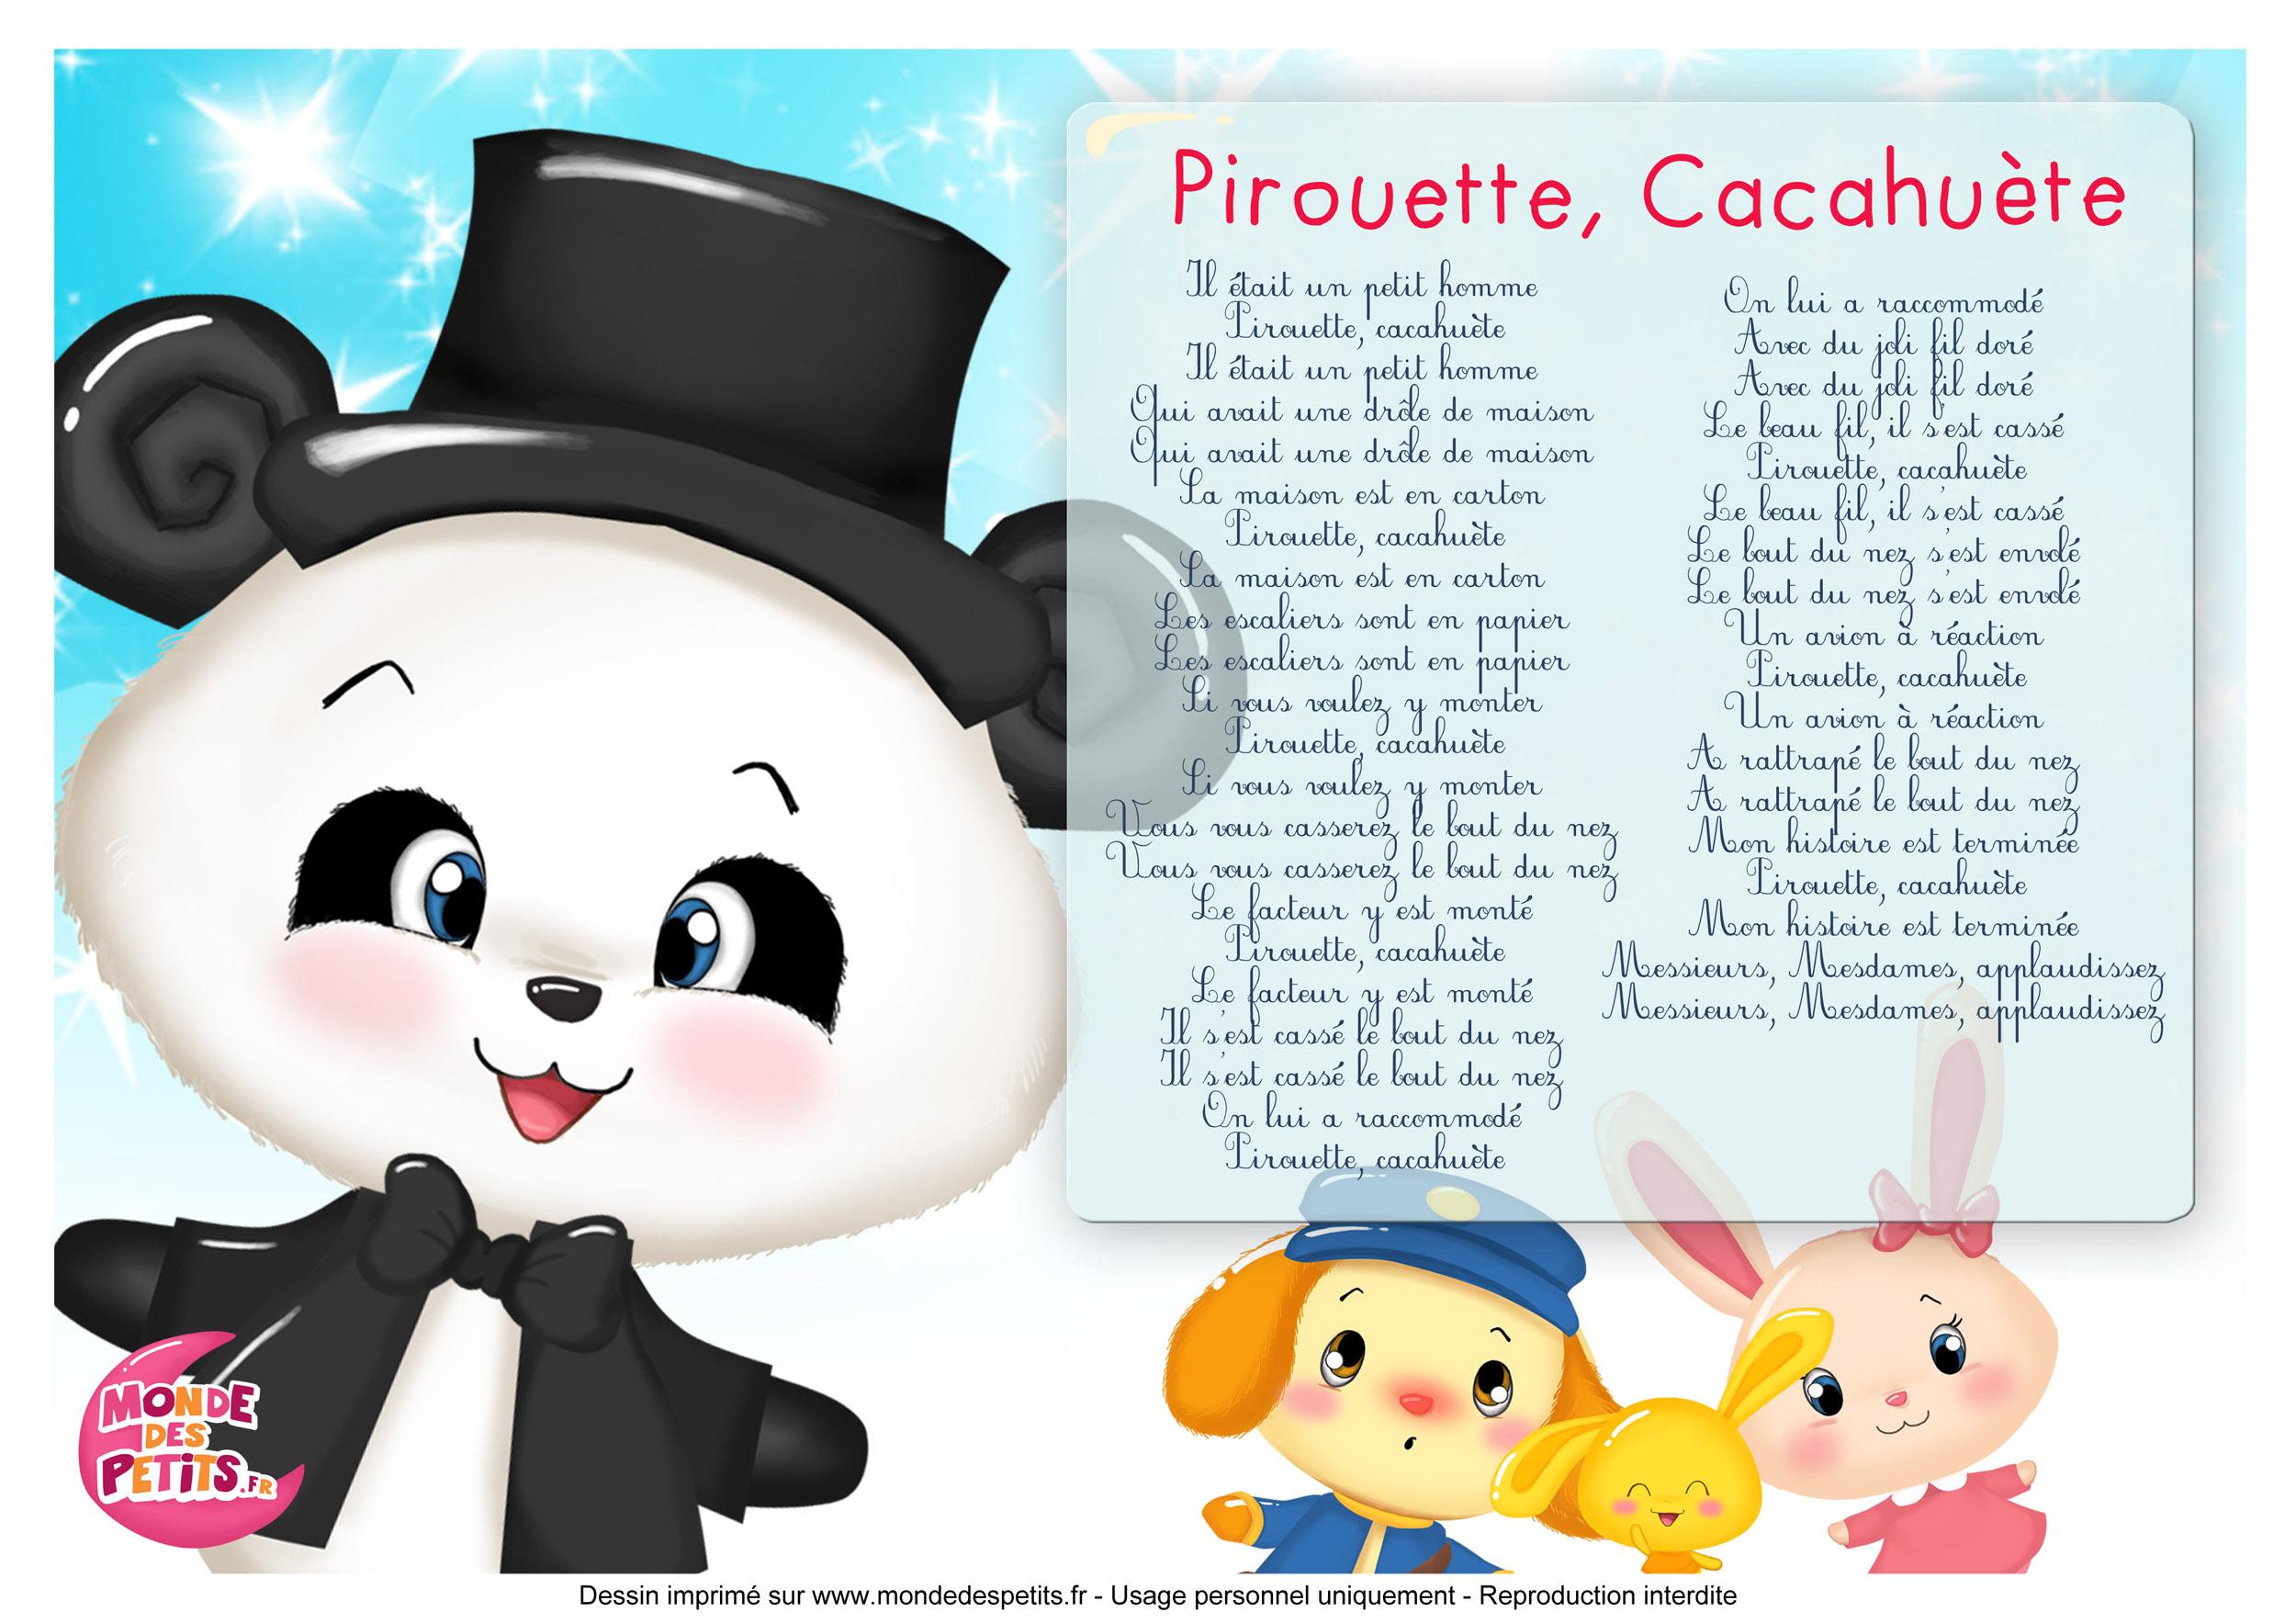 Pirouette, Cacahuète 1